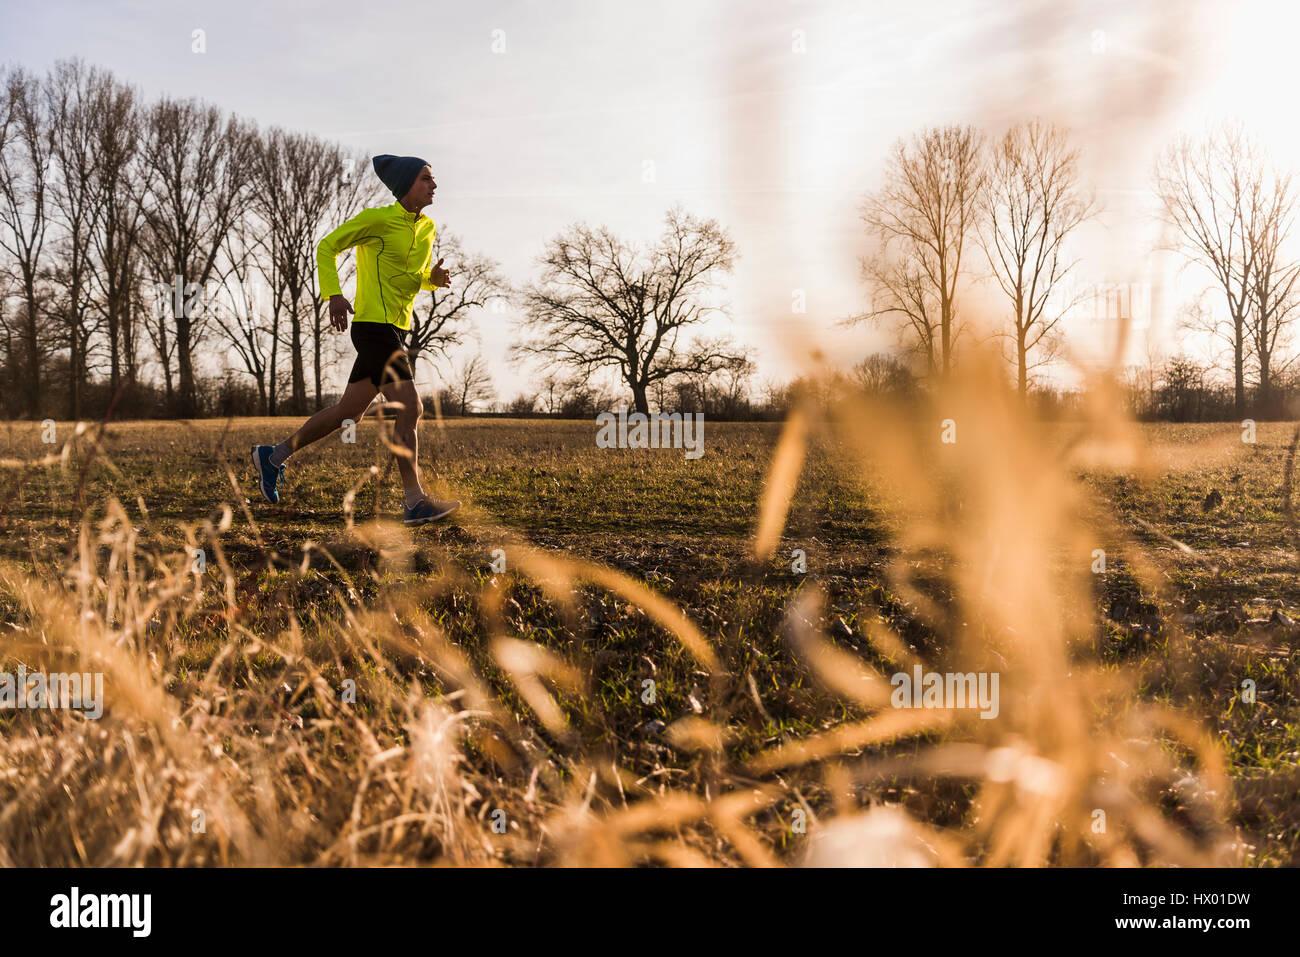 Mann läuft in ländlichen Landschaft Stockbild